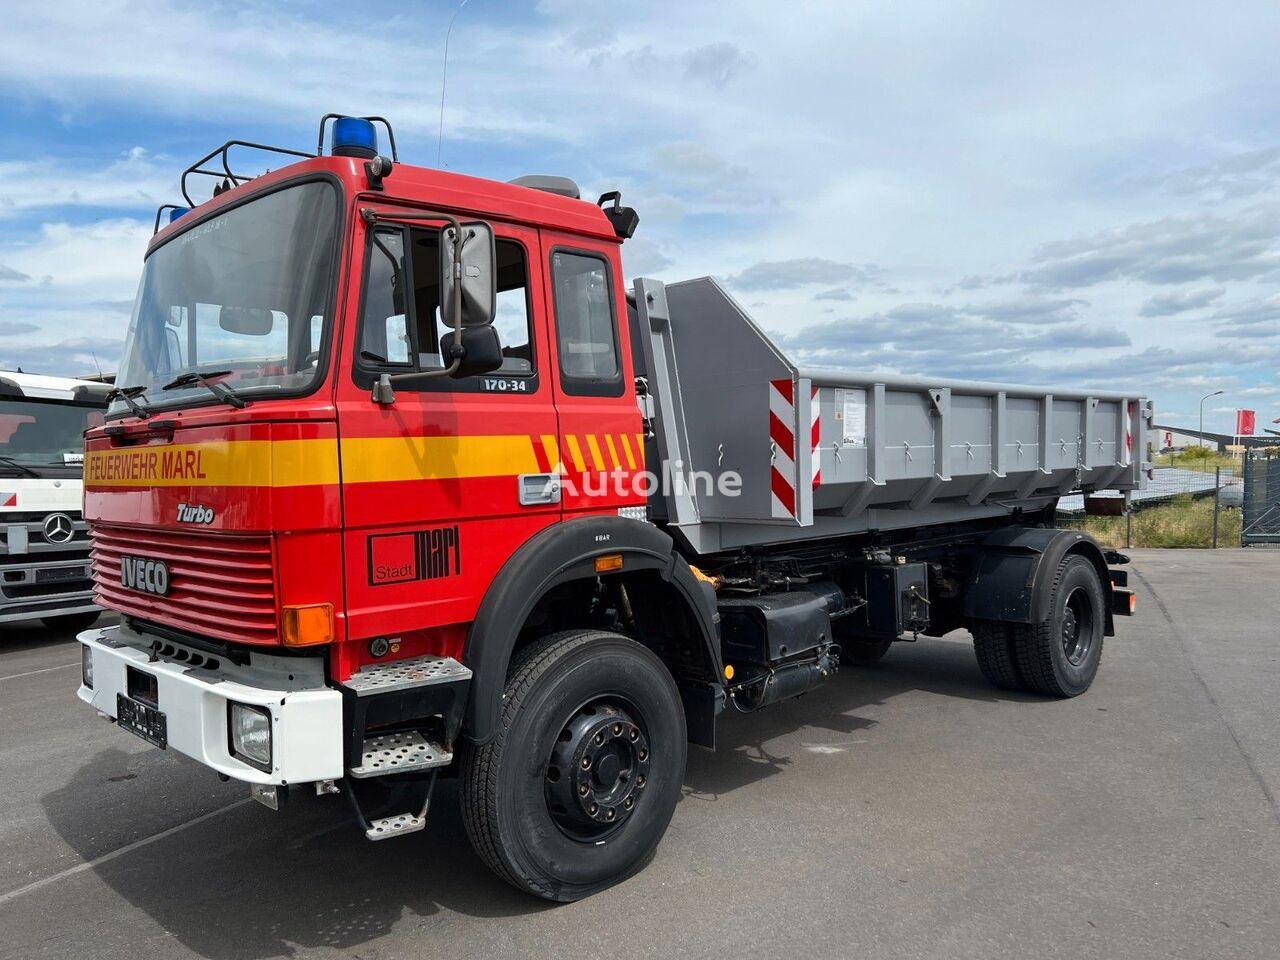 IVECO 170-34 hook lift truck